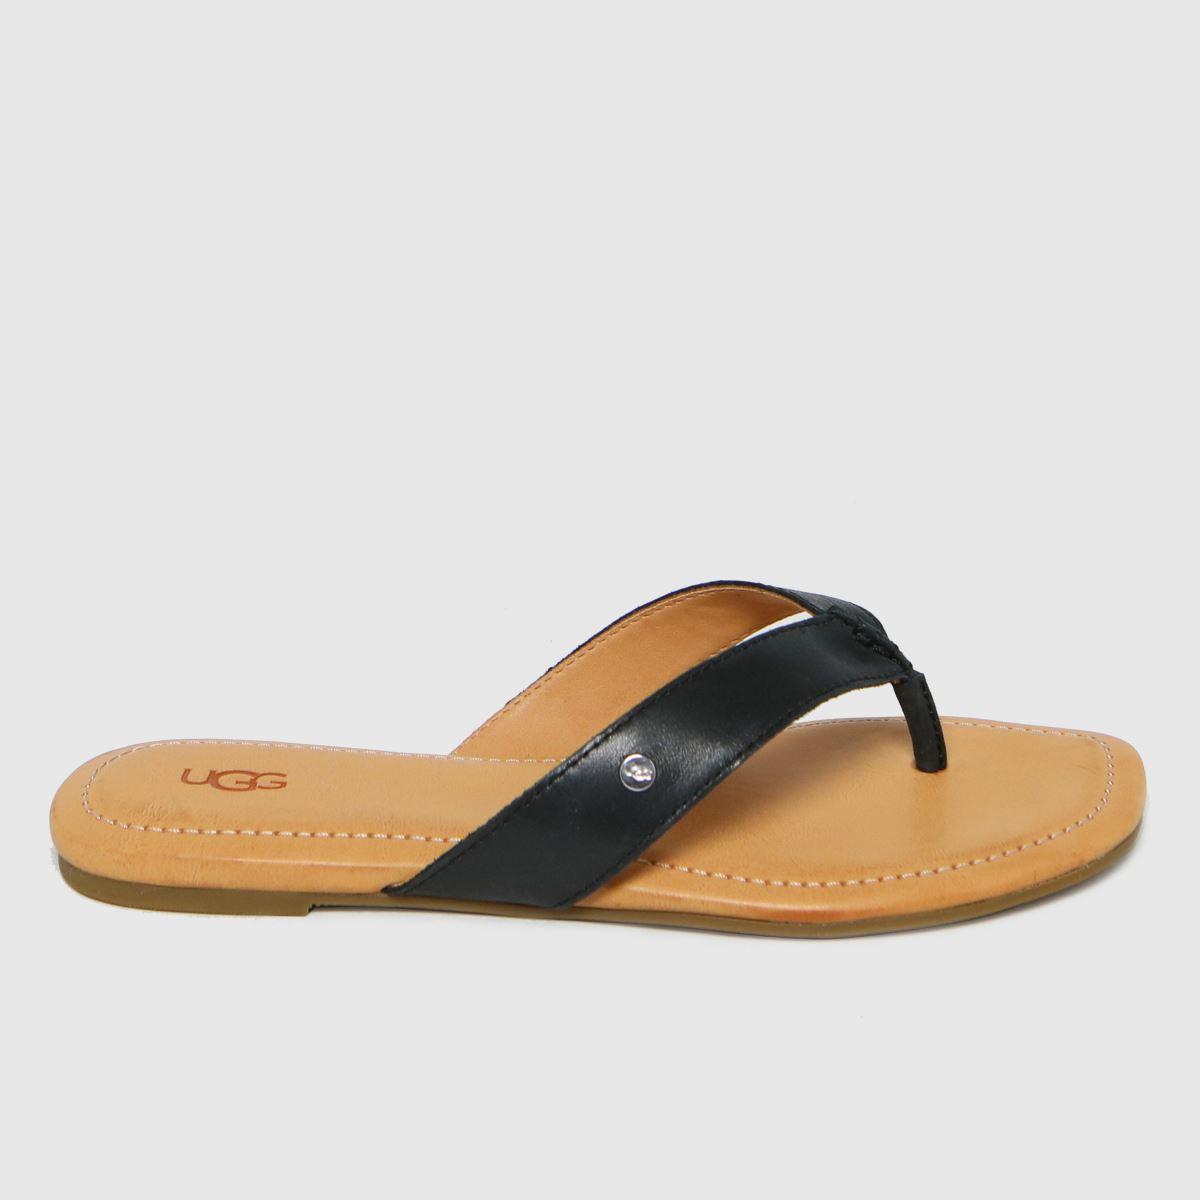 UGG Black Toulumne Sandals